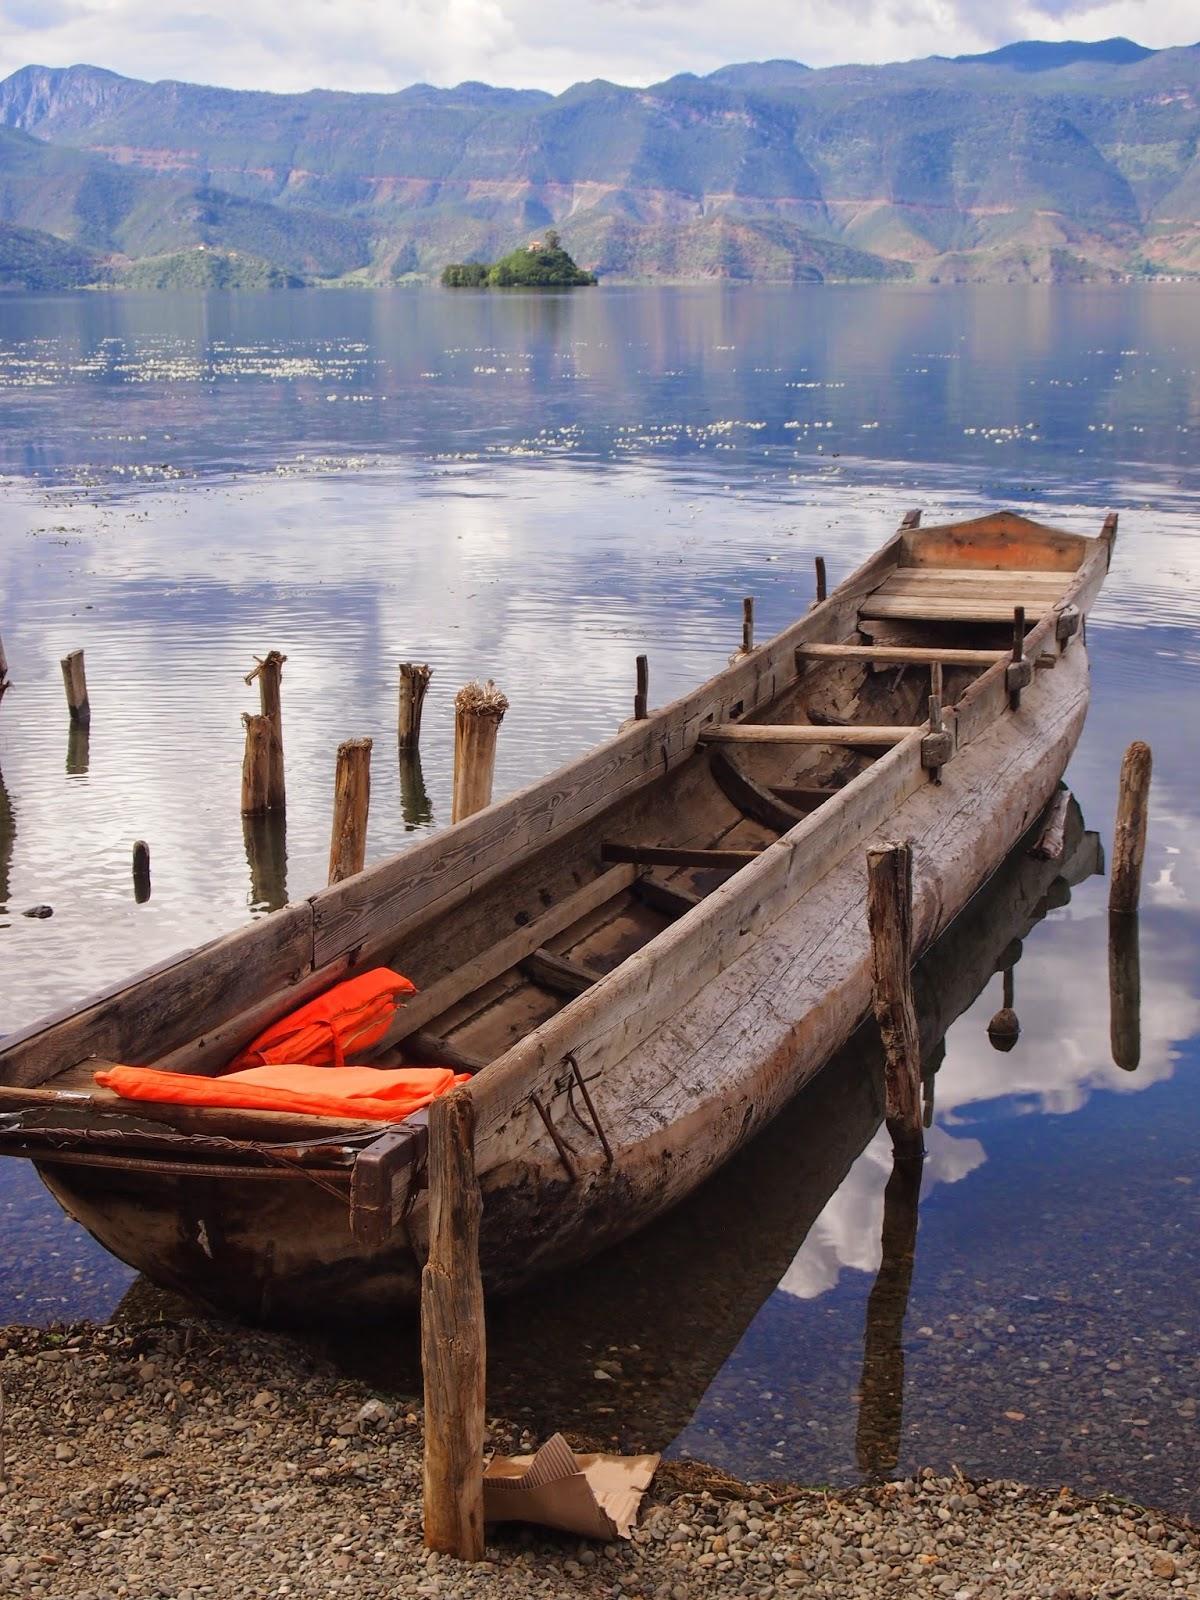 A boat in Lugu lake